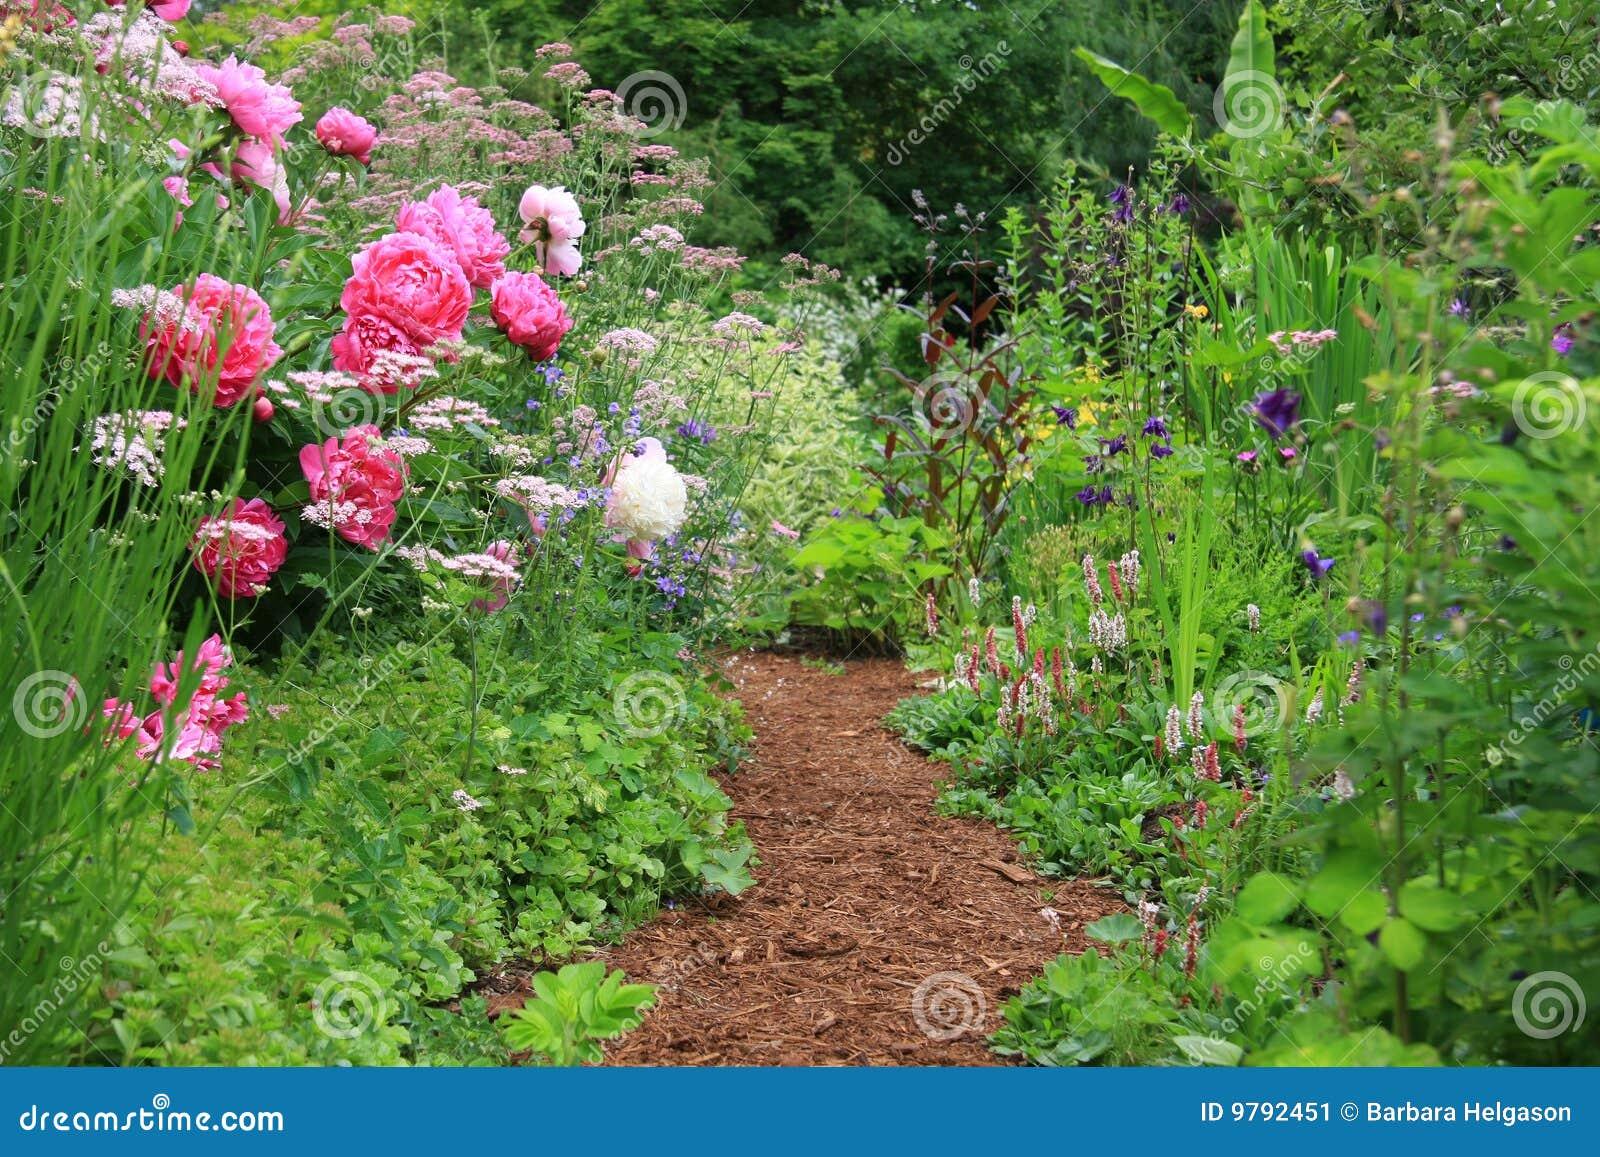 English Cottage Garden Stock Image Image Of British Path